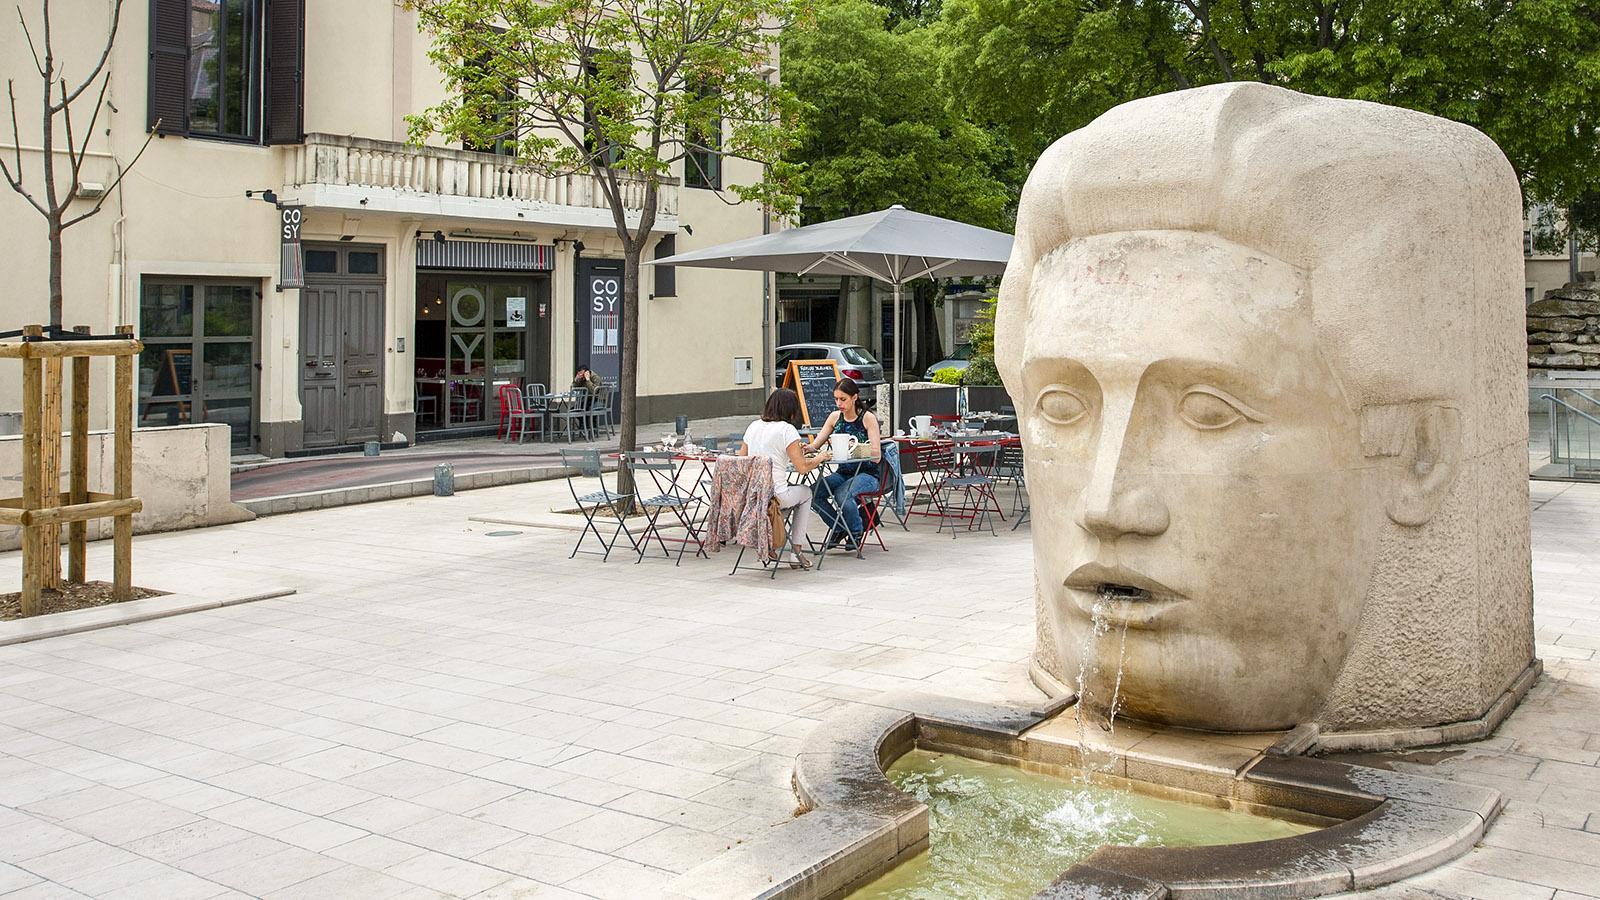 Nîmes: Place d'Assas. Foto: Hilke Maunder